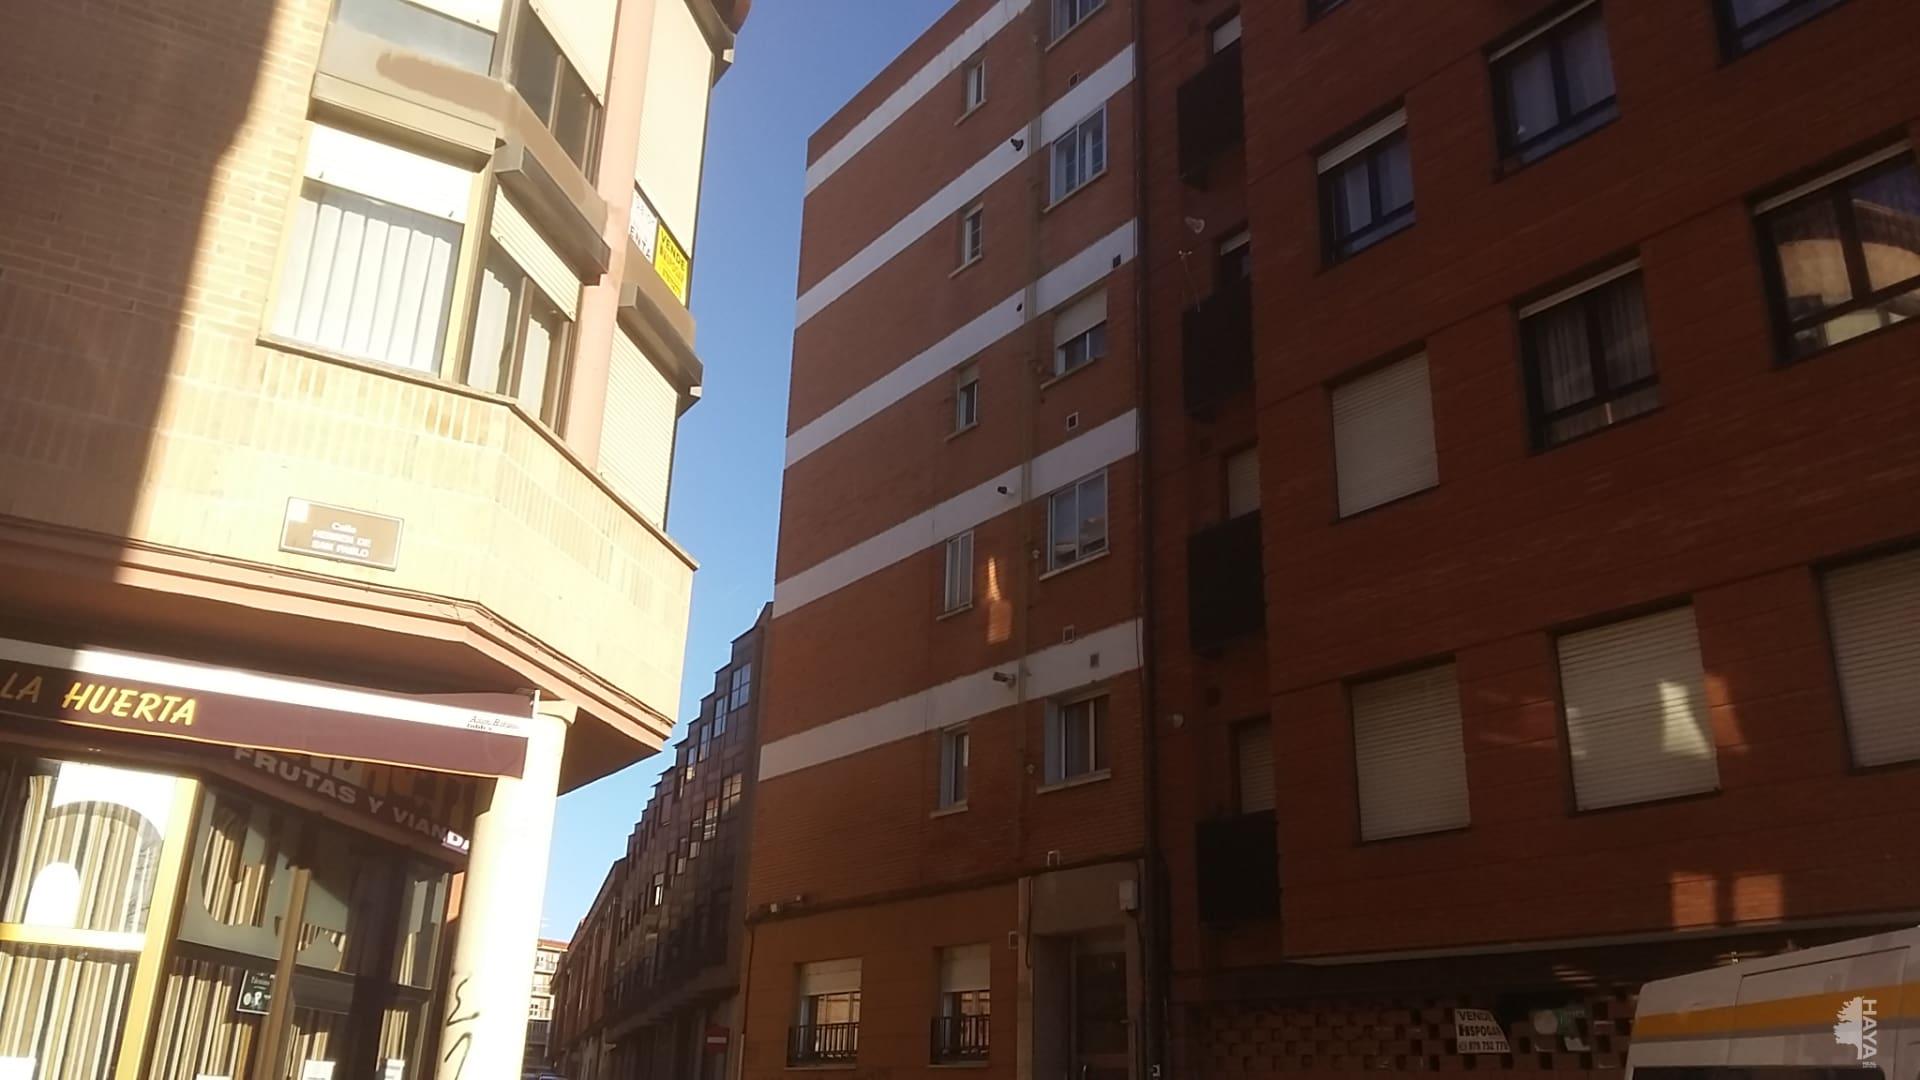 Piso en venta en Palencia, Palencia, Calle los Pastores, 57.258 €, 2 habitaciones, 1 baño, 88 m2